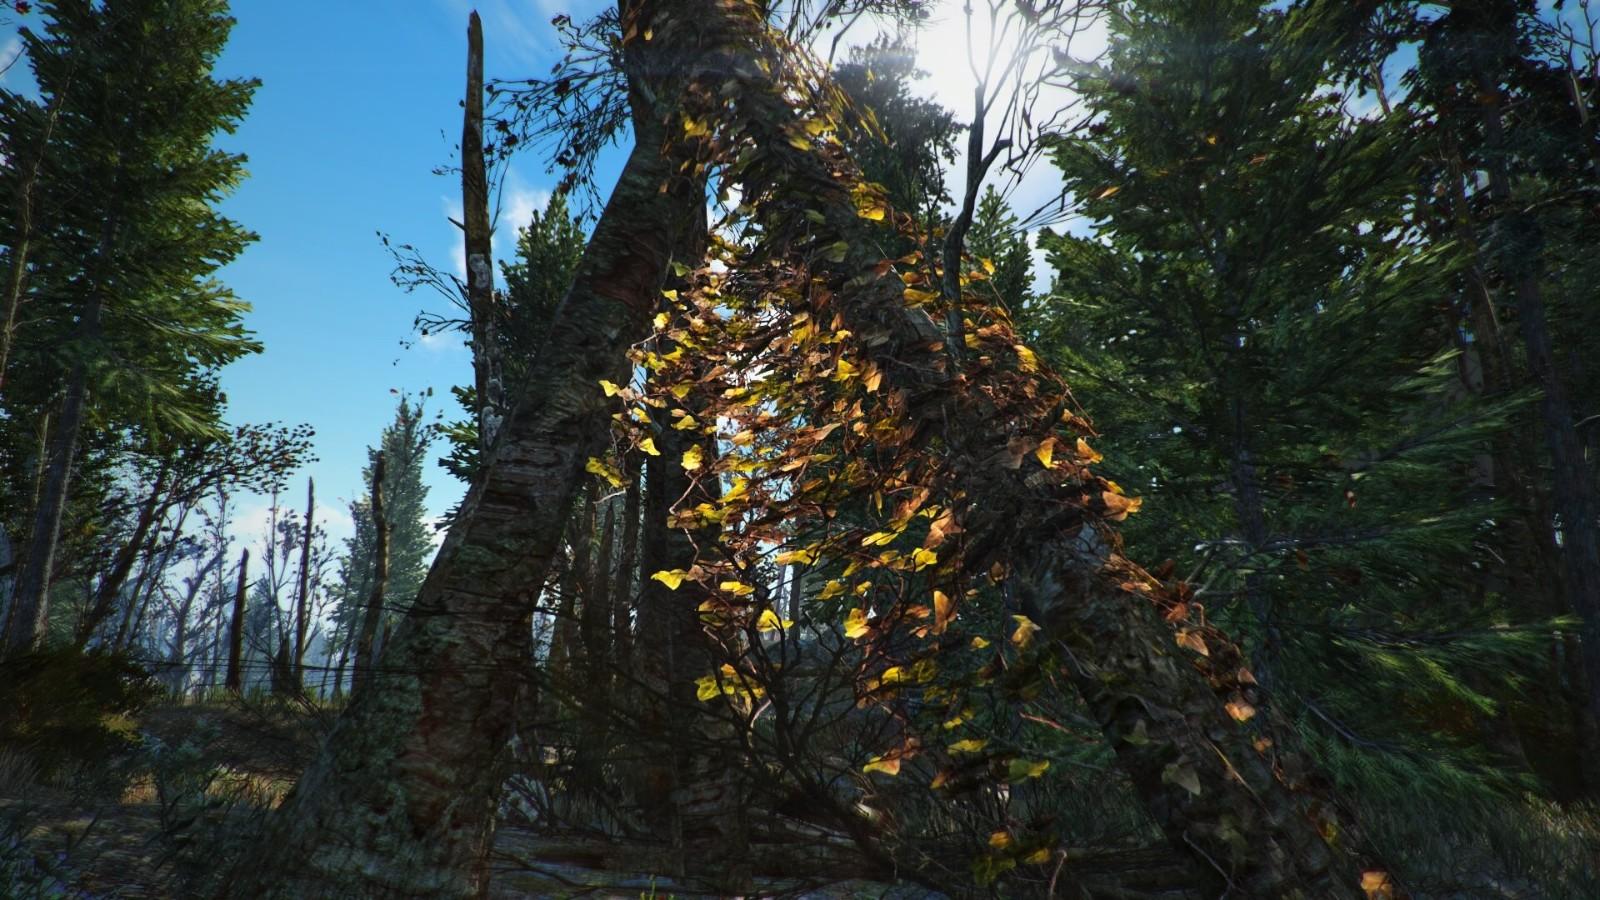 《辐射4》高清树木材质包 为波士顿添加上万棵高清树